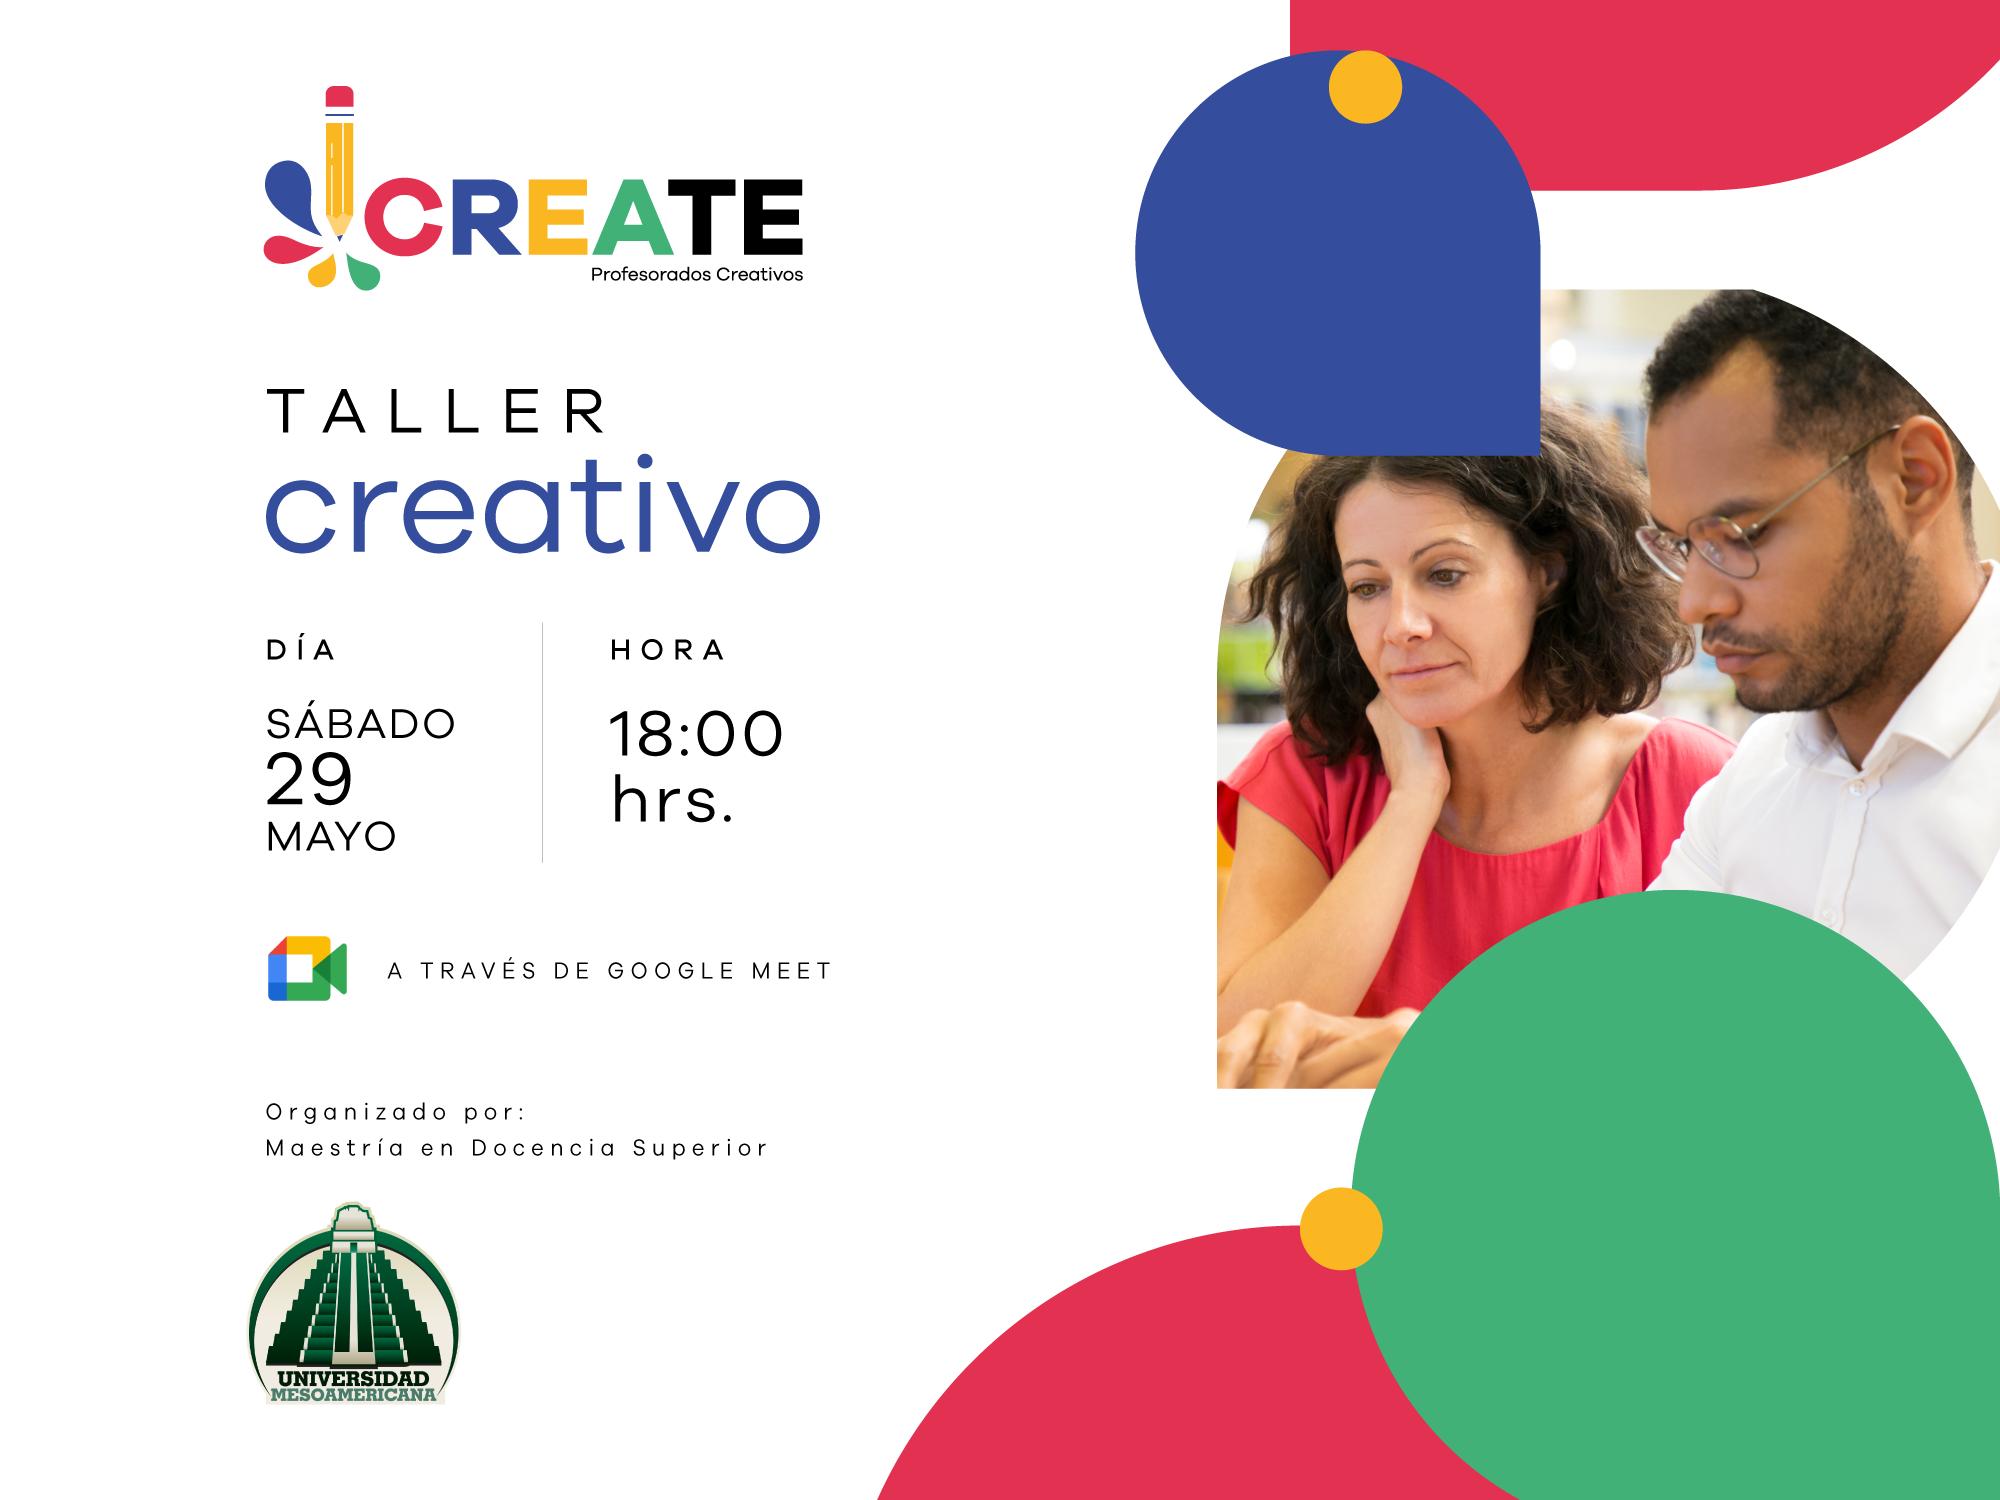 """Taller """"Create, Profesorados Creativos"""""""